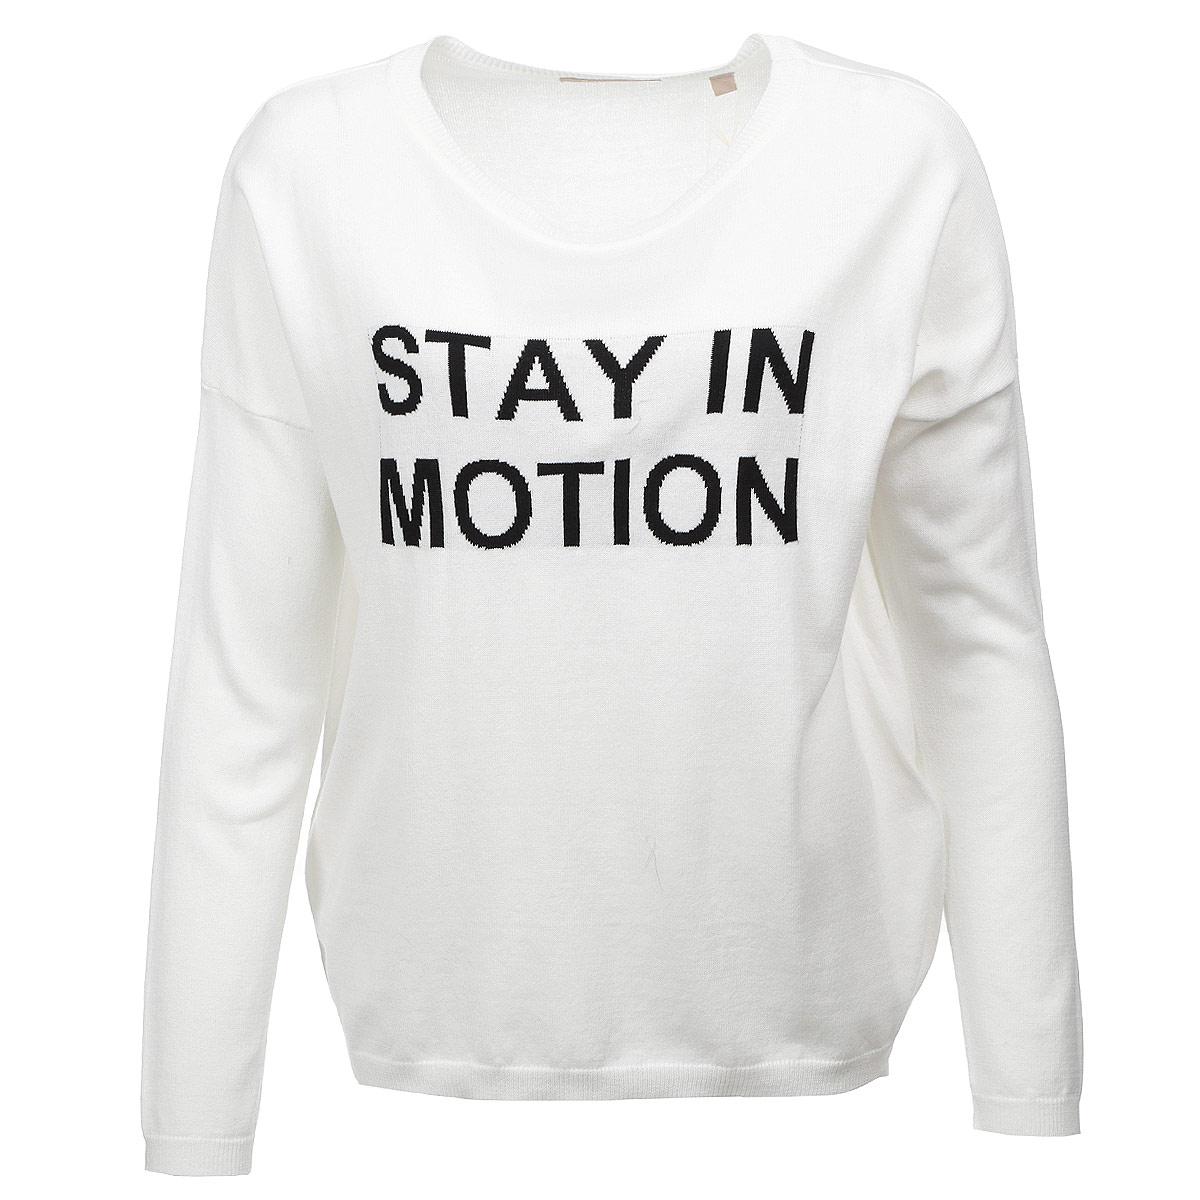 Пуловер10152392 01AСтильный женский пуловер Broadway, изготовленный из хлопка и полиакрила, не сковывает движения, обеспечивая наибольший комфорт. Модель свободного кроя с круглым воротником и рукавами-кимоно на груди оформлена надписью Stay in motion. Горловина, манжеты и низ изделия отделаны резинкой. Этот пуловер - идеальный вариант для создания зимнего образа в стиле Casual.